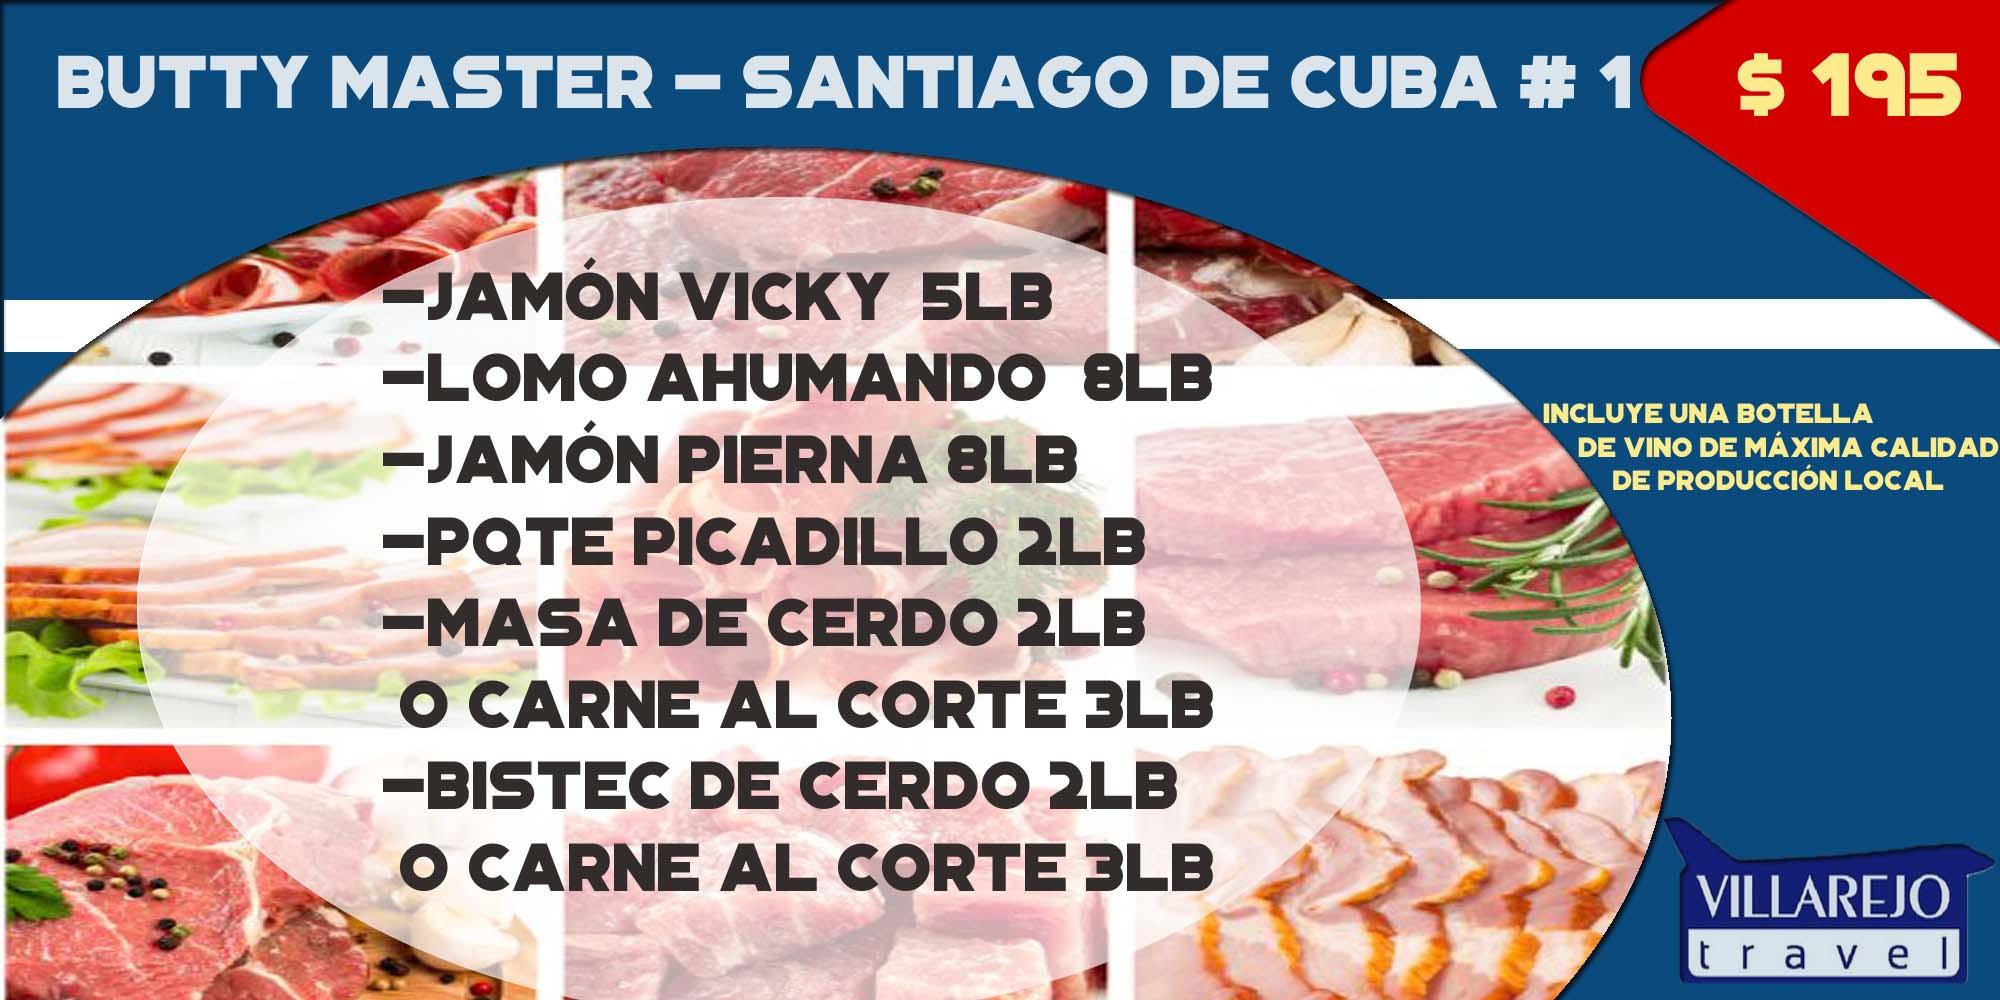 Butty Master - Santiago de Cuba # 1